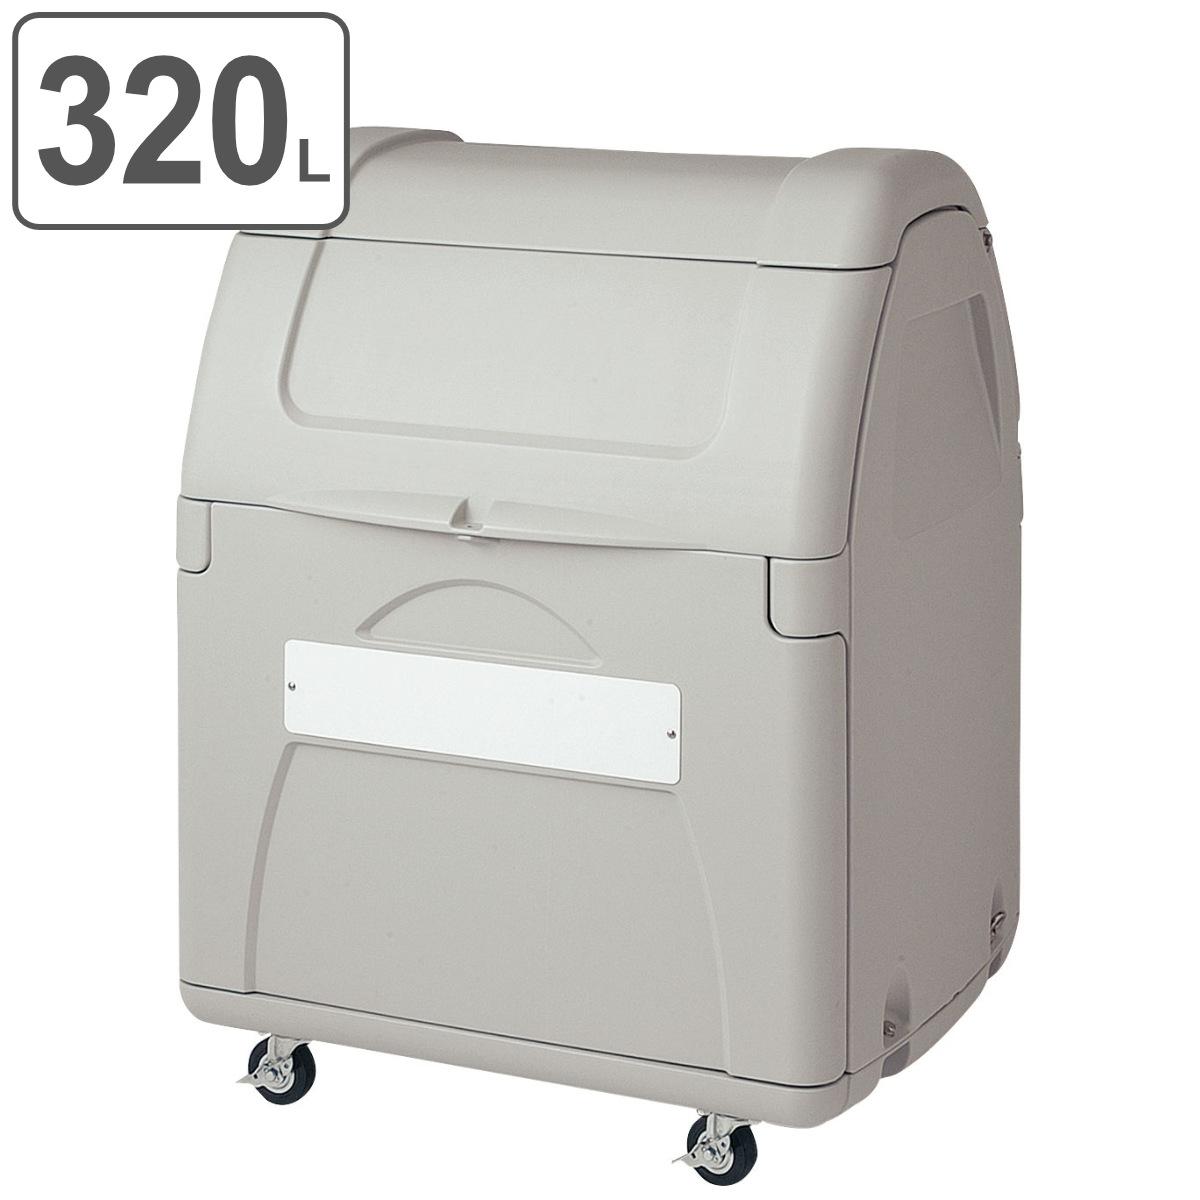 業務用ゴミ箱 ごみ集積 ダストボックス #330 (大型ゴミ箱 回収用 山崎産業 送料無料 )